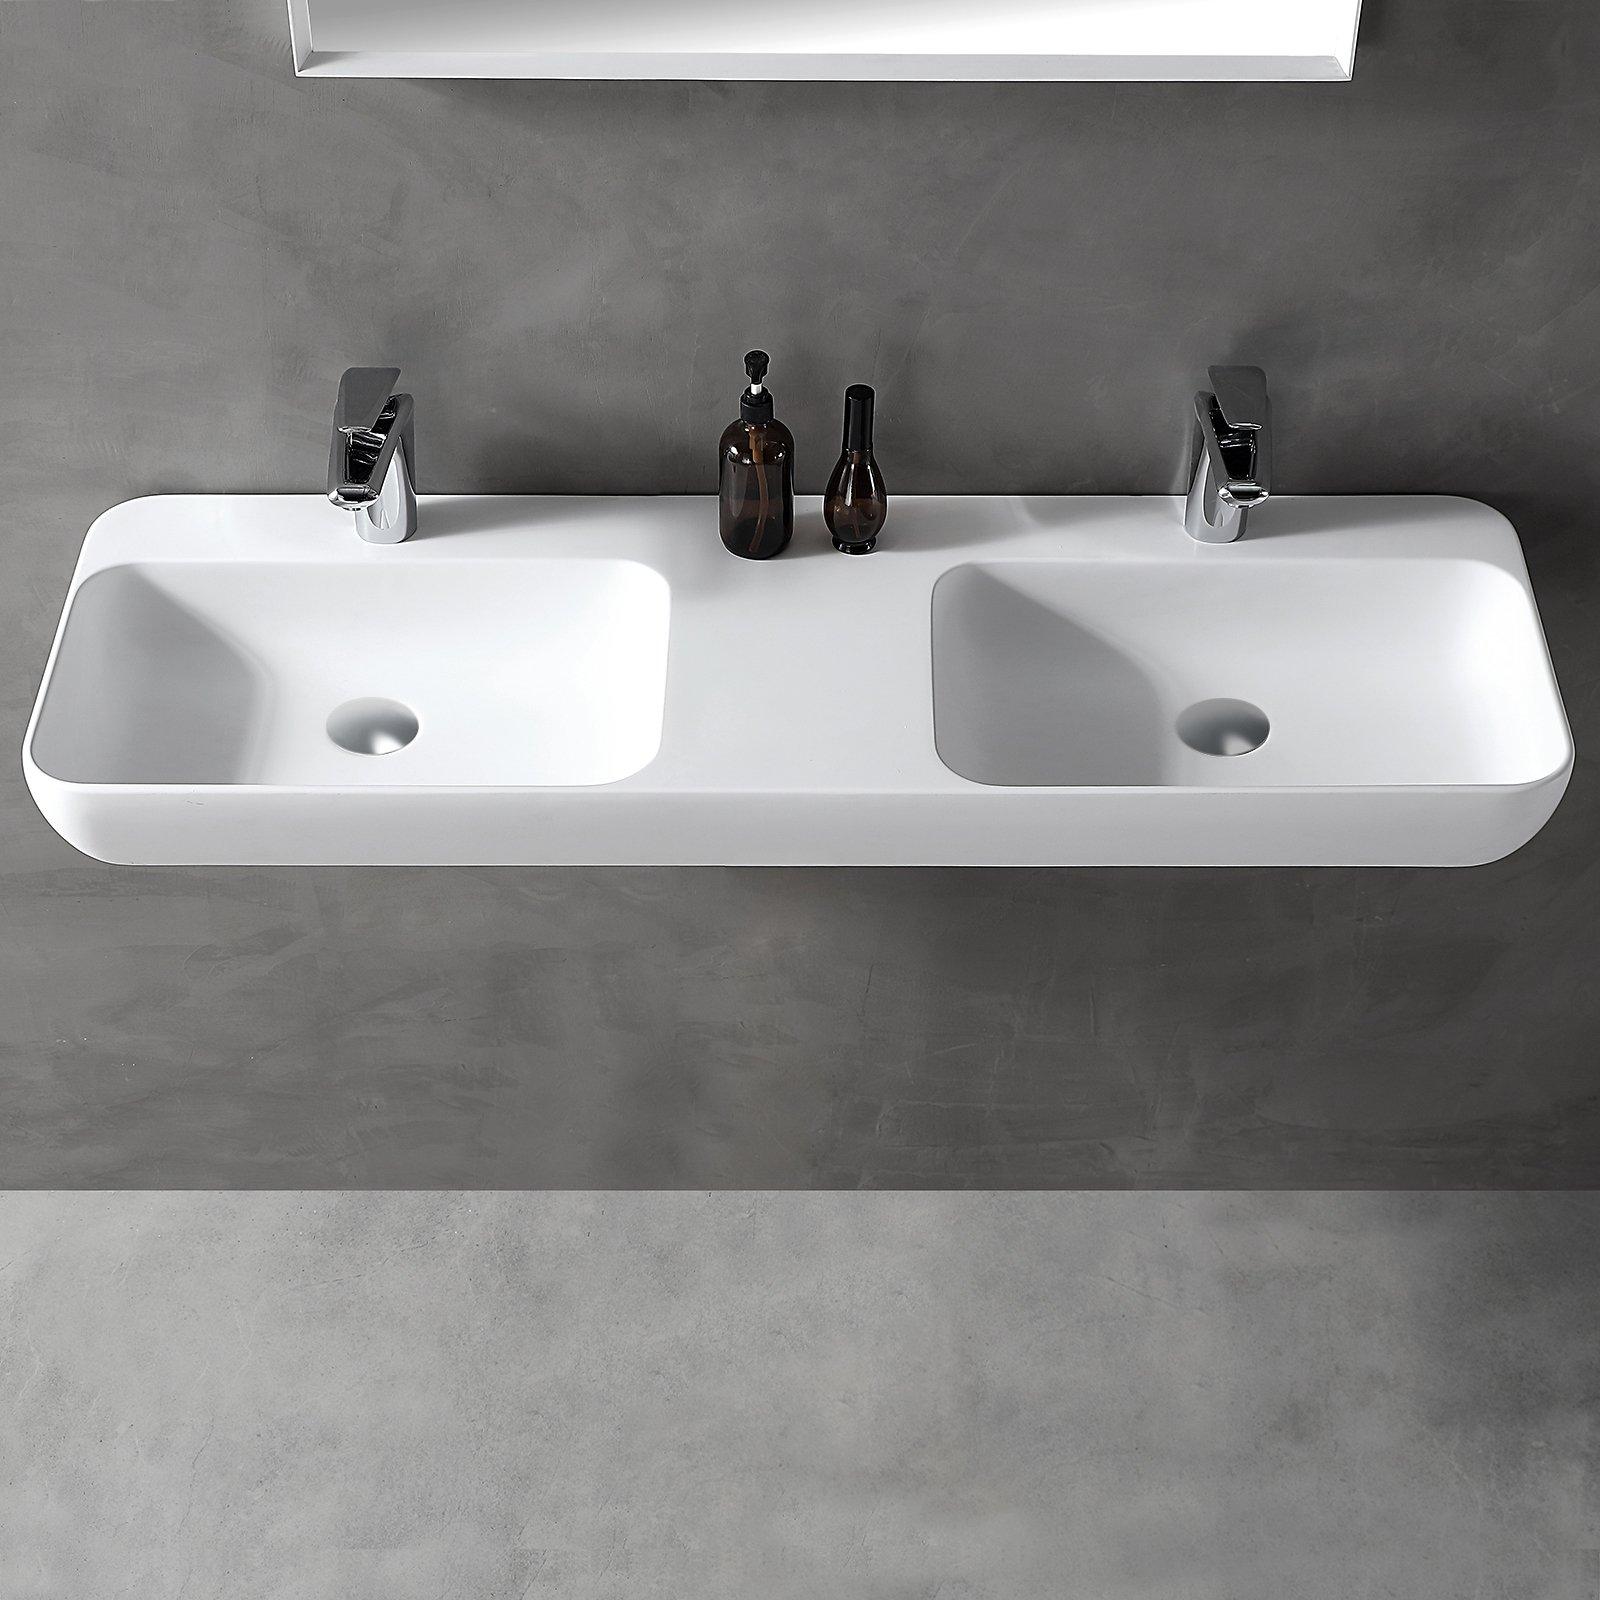 Wandwaschbecken Aufsatzwaschbecken TWG203 aus Mineralguss Solid Stone - Weiß matt - 120x40x12cm